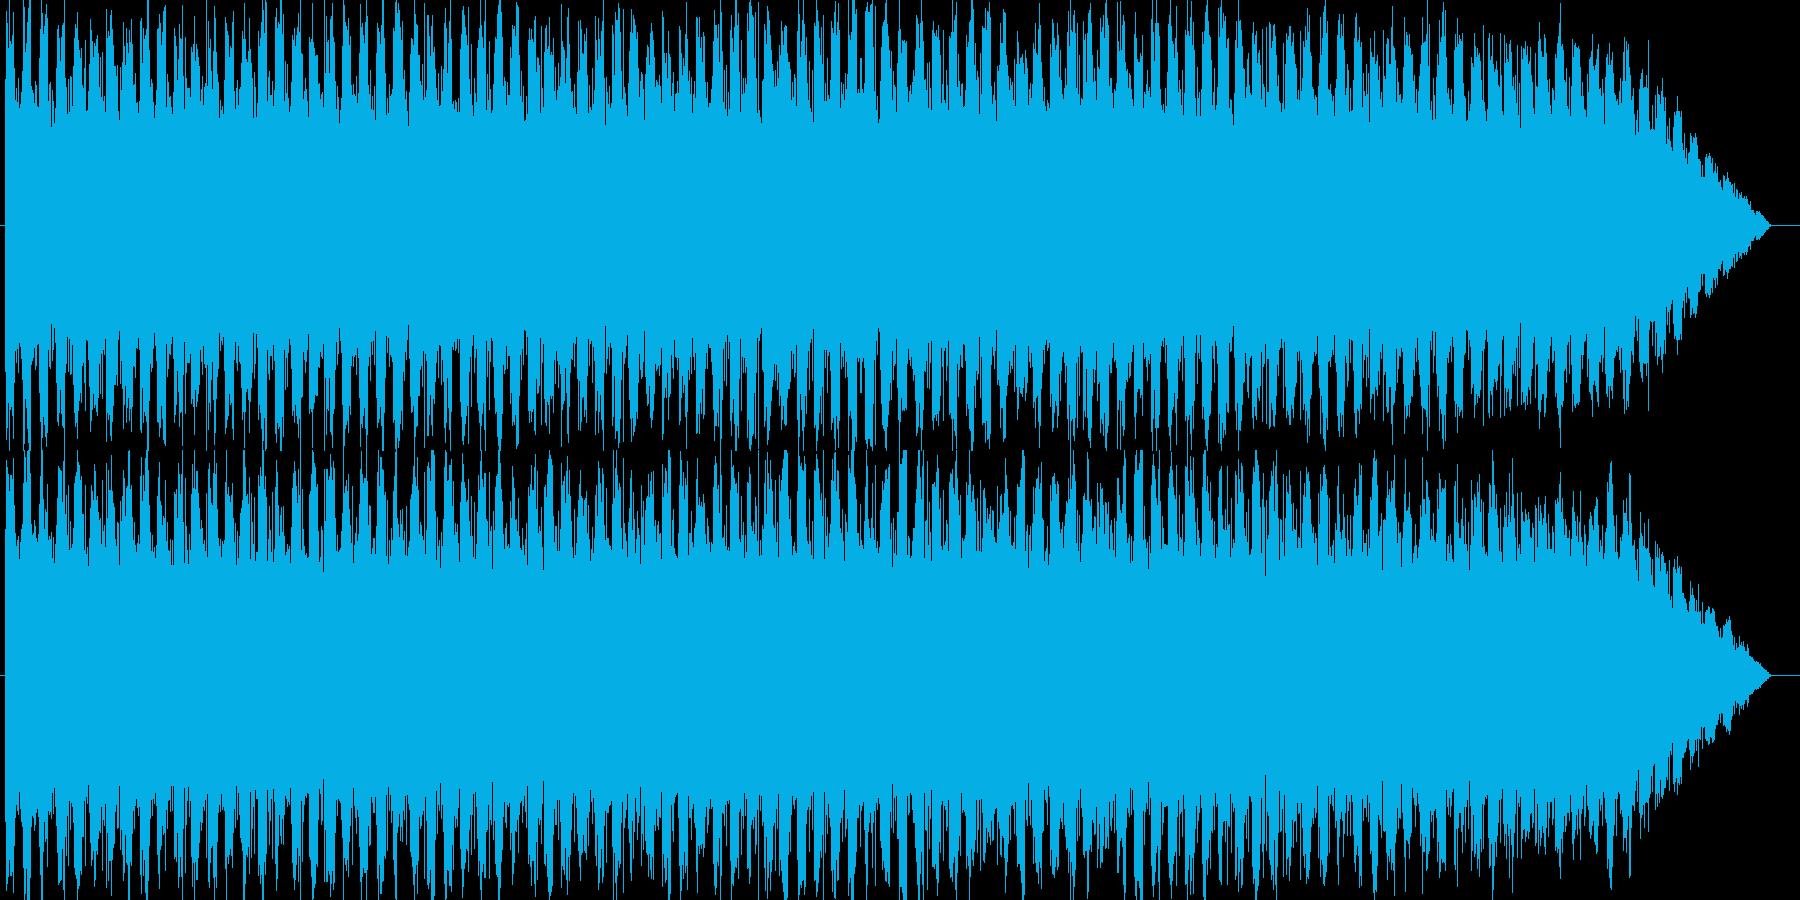 エマージェンシーサイレン タイプAの再生済みの波形